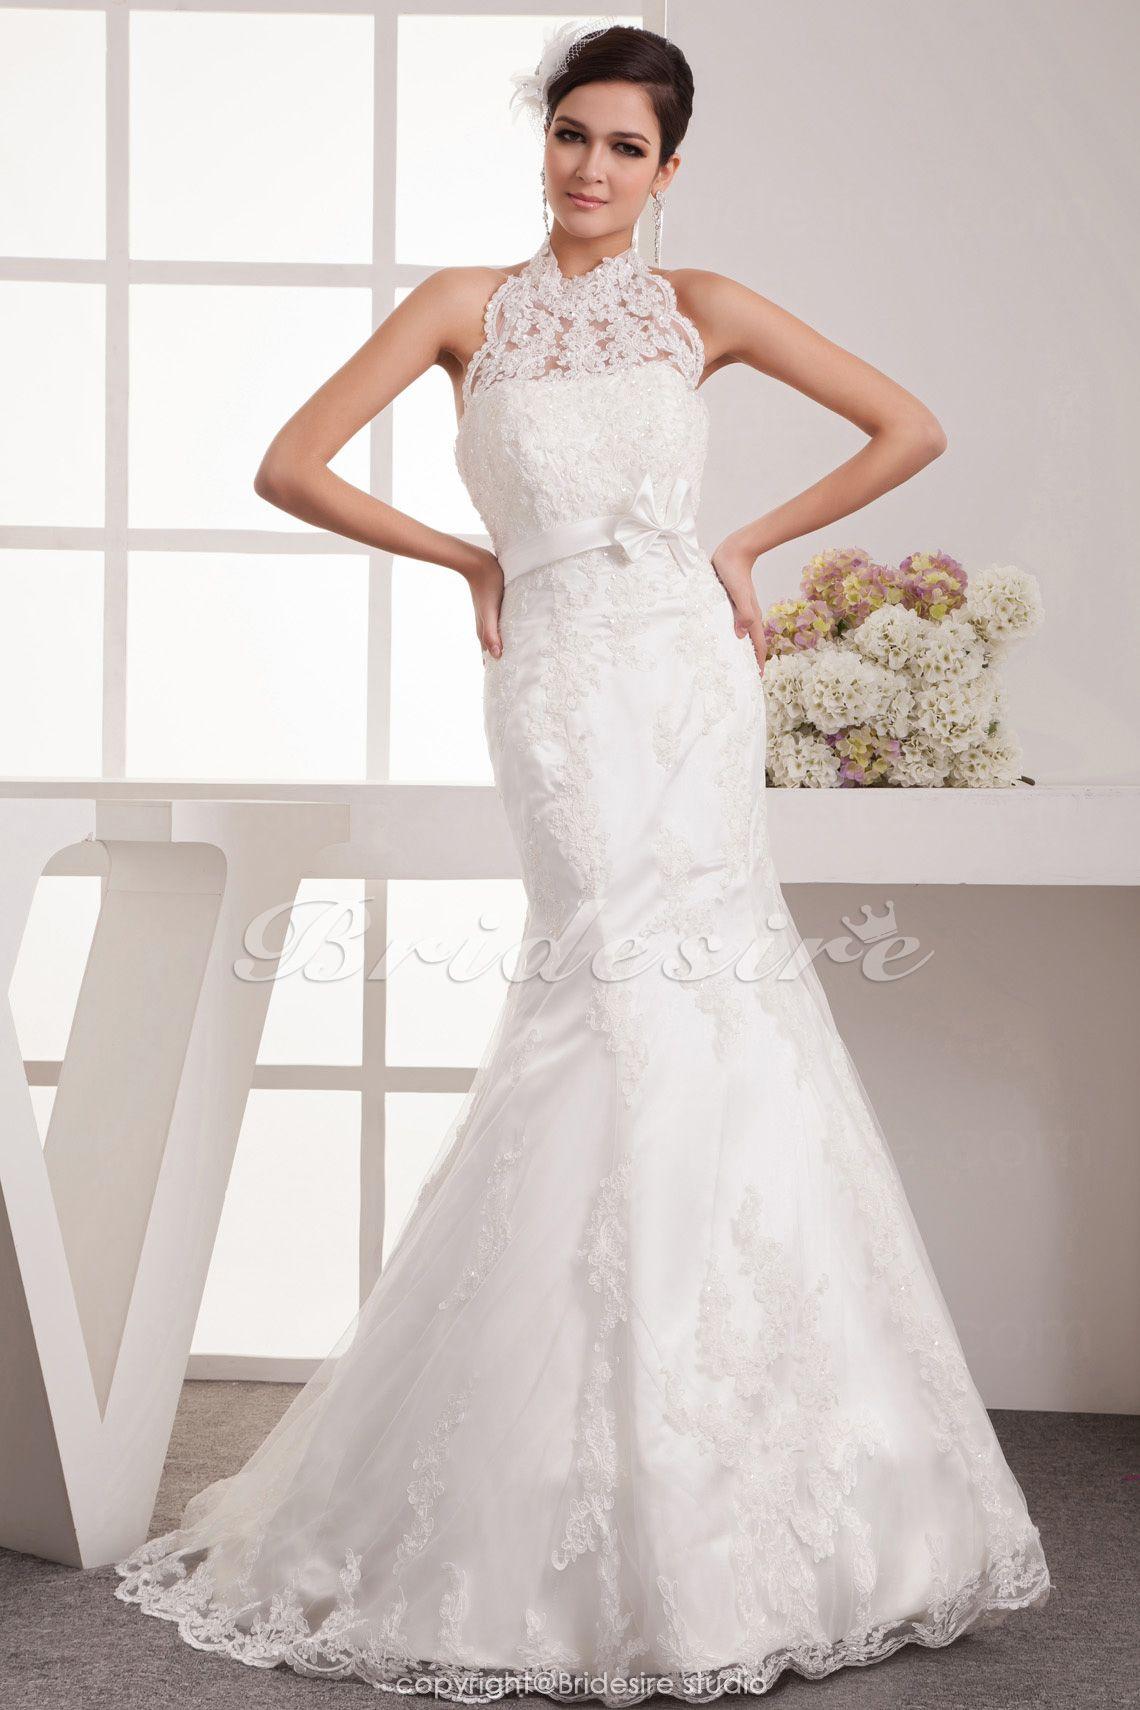 Bridesire - Brautkleider 2016, Hochzeitskleider Günstig Online ...